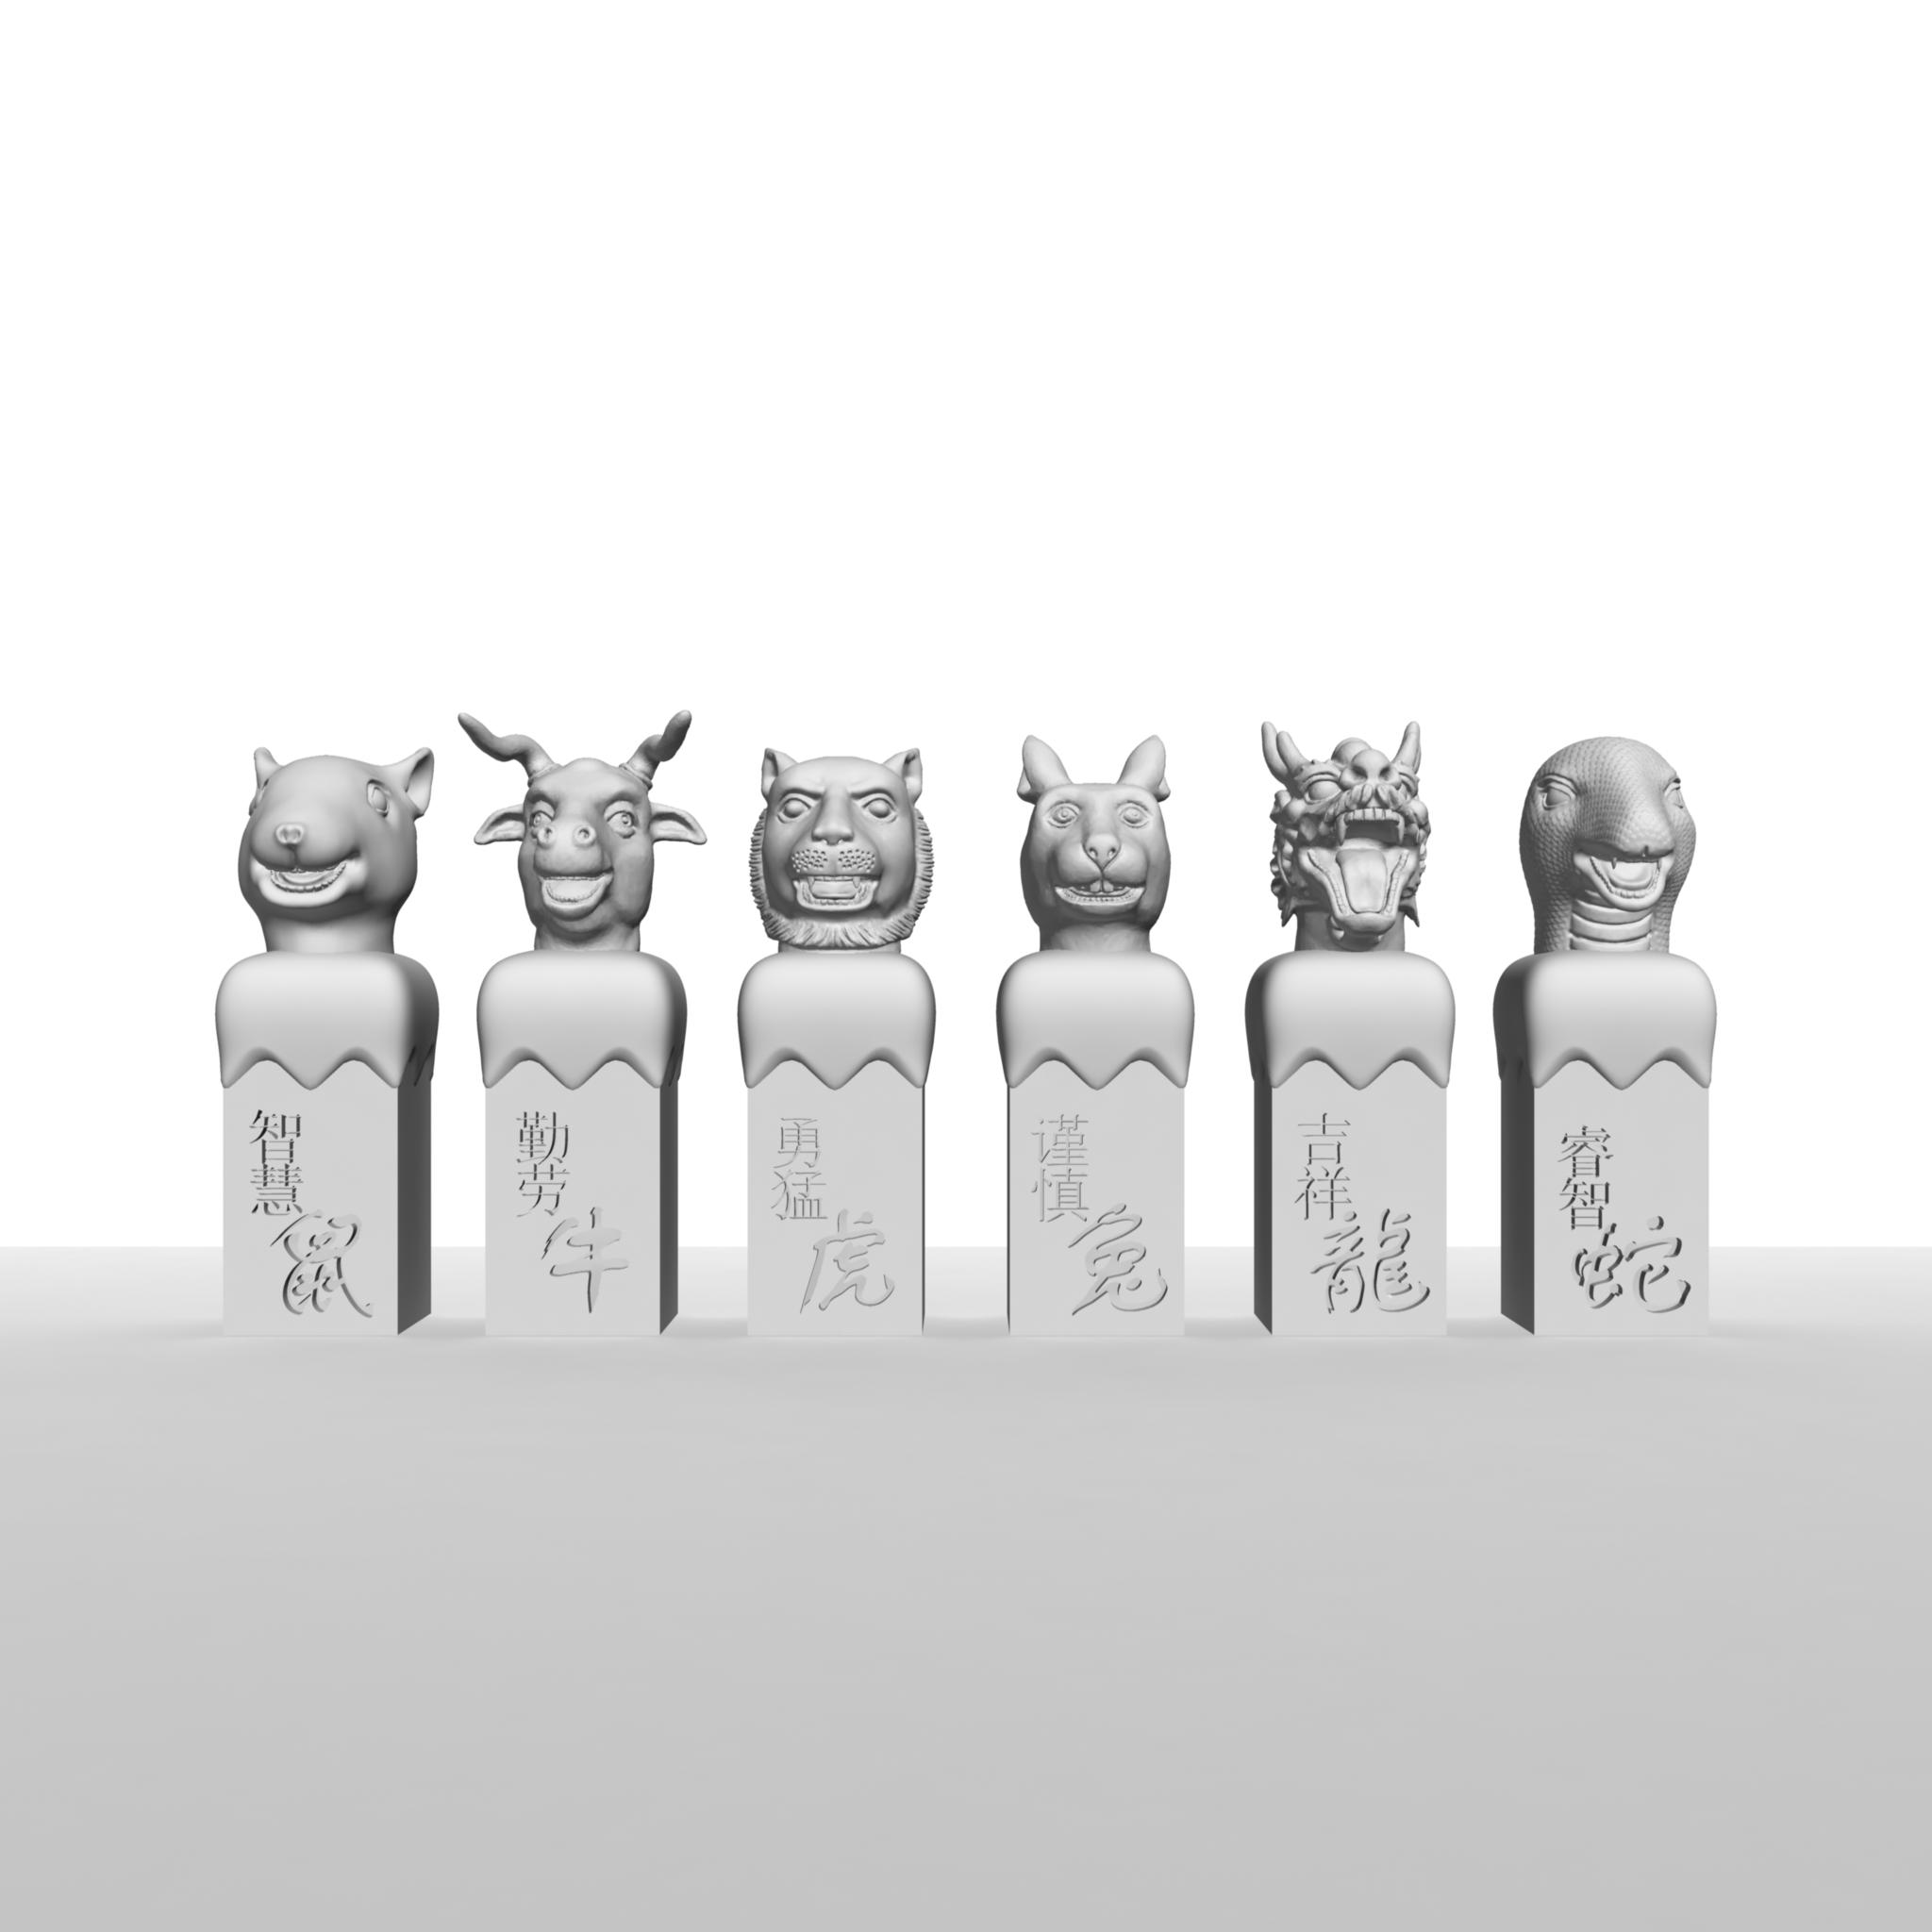 十二生肖兽首印章系列—全十二兽首印章